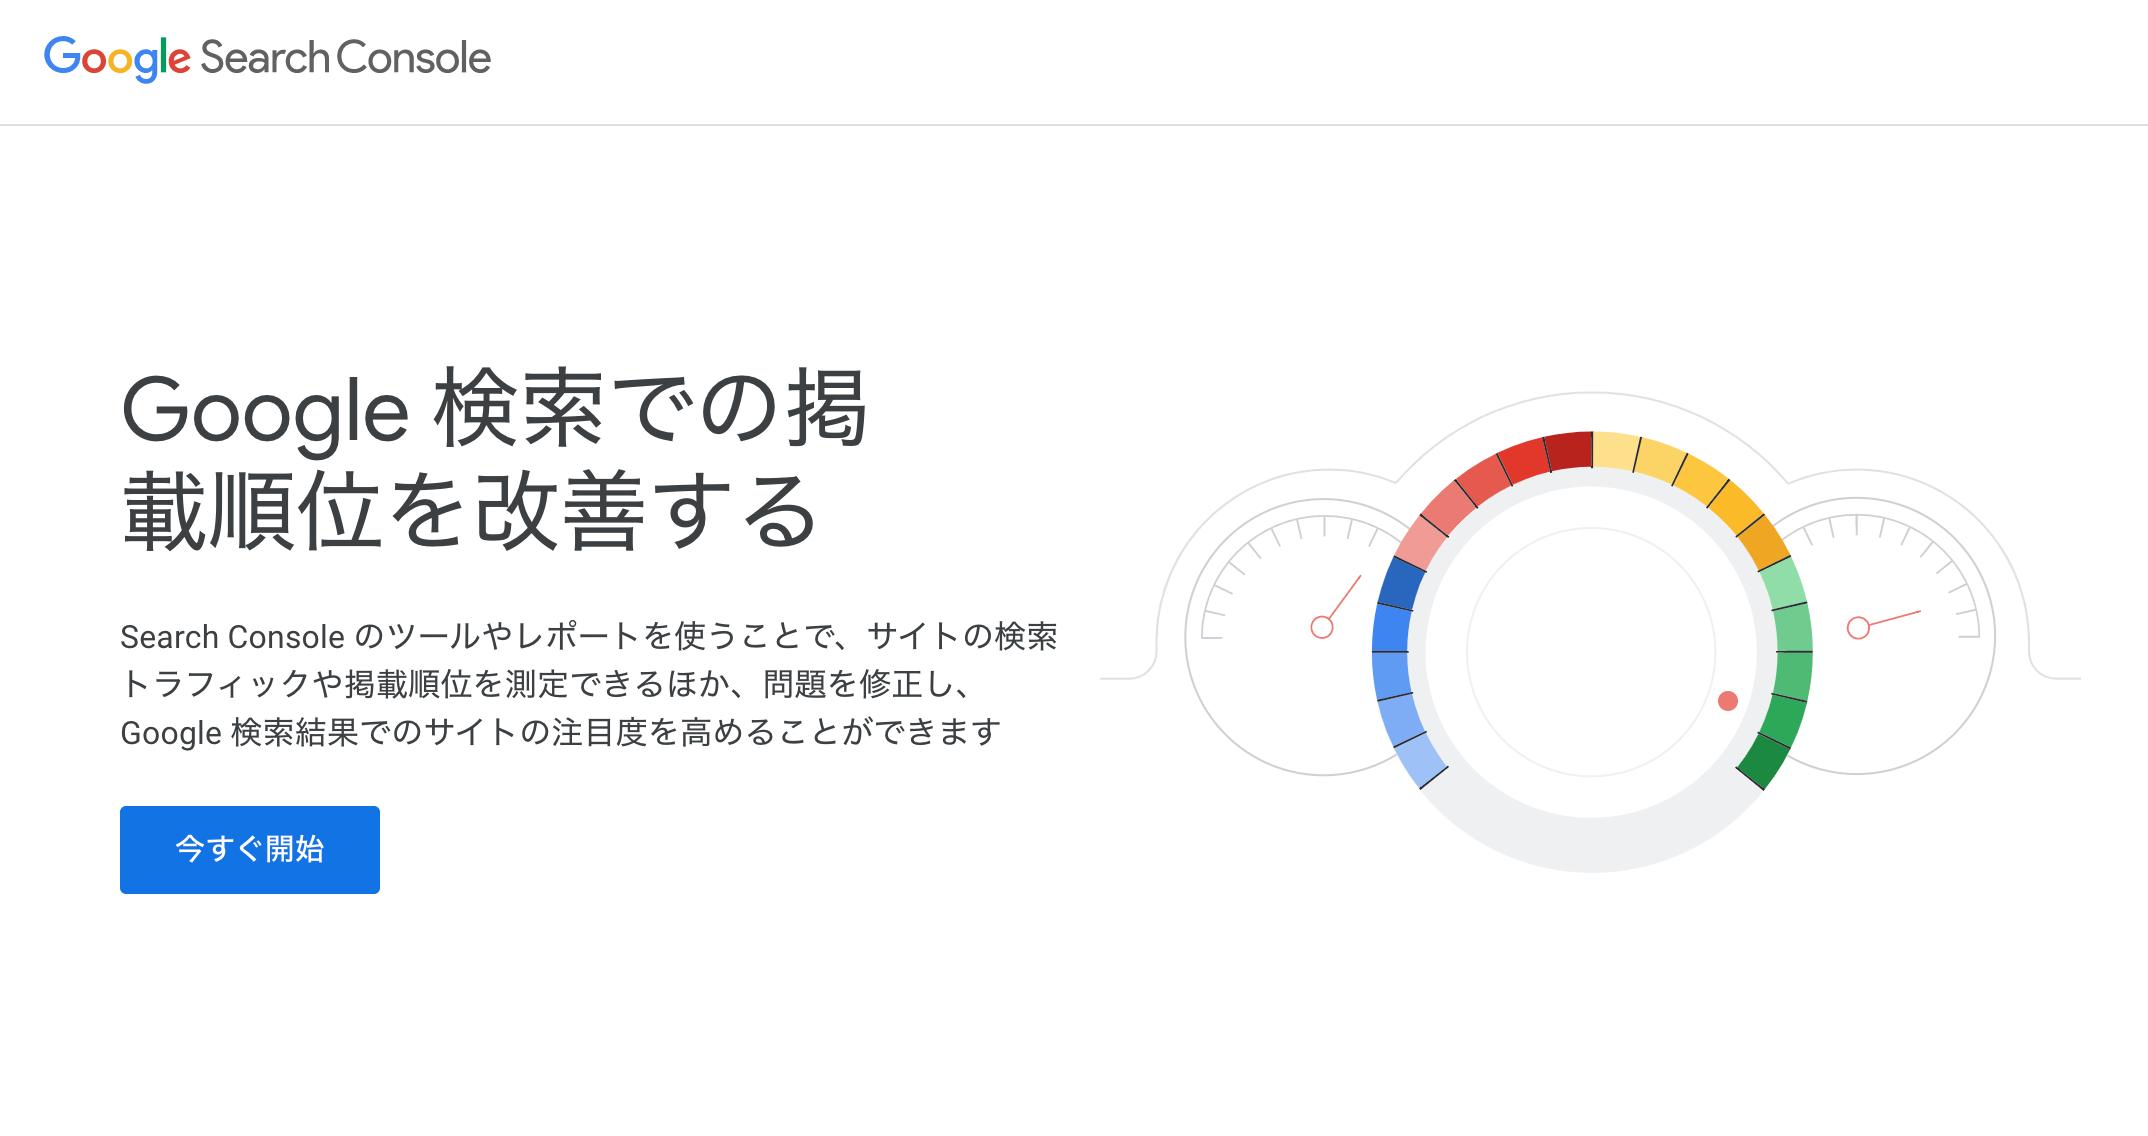 Google サーチコンソール(Search Console)トップページ